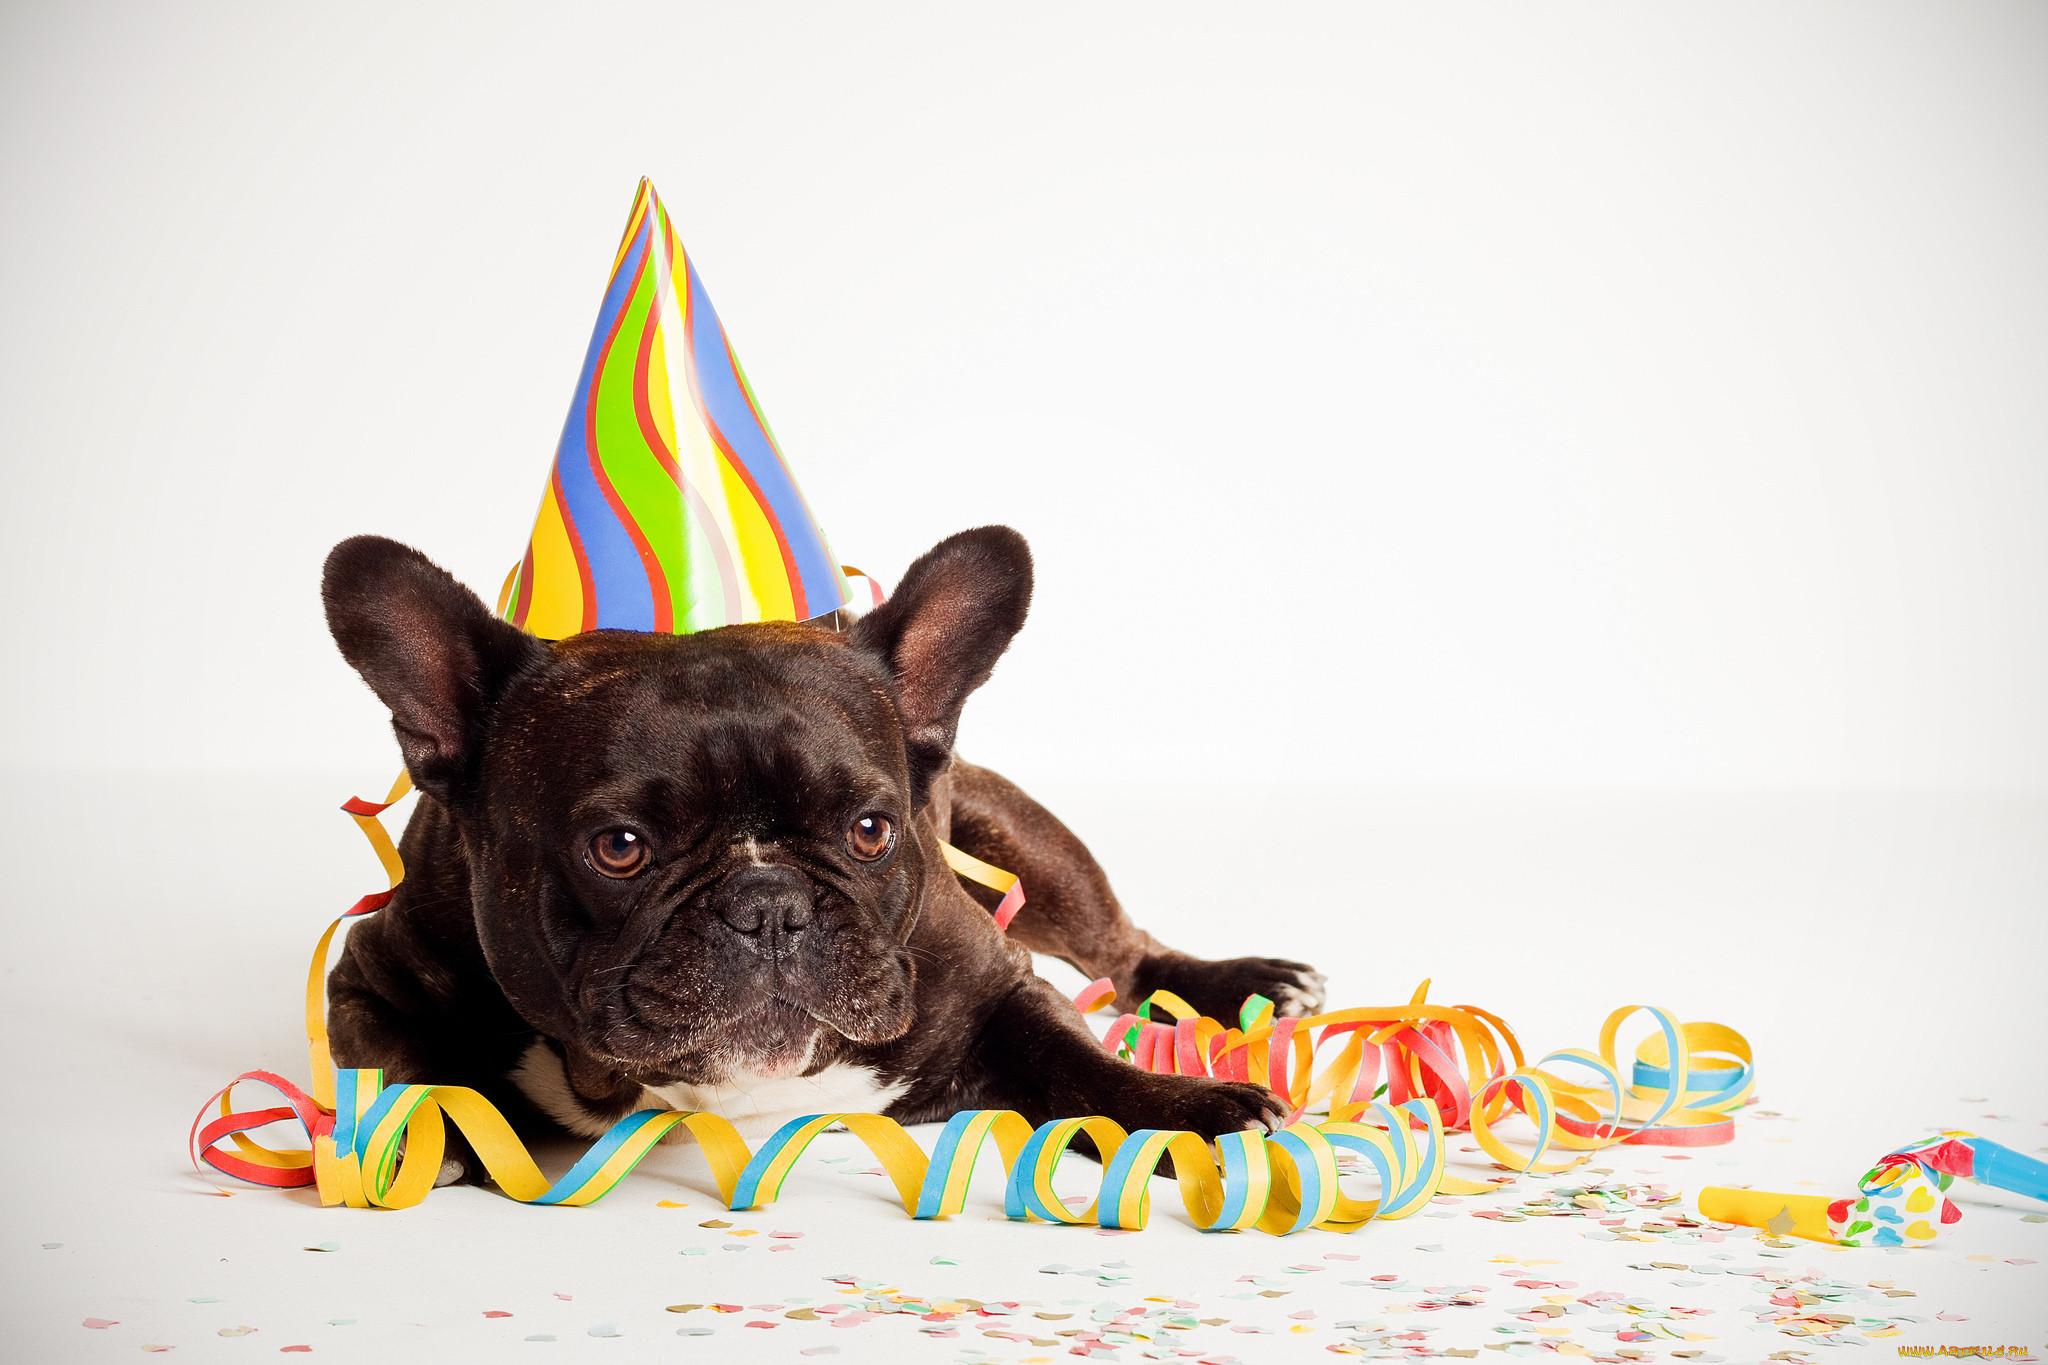 день рождения у собаки поздравление фото